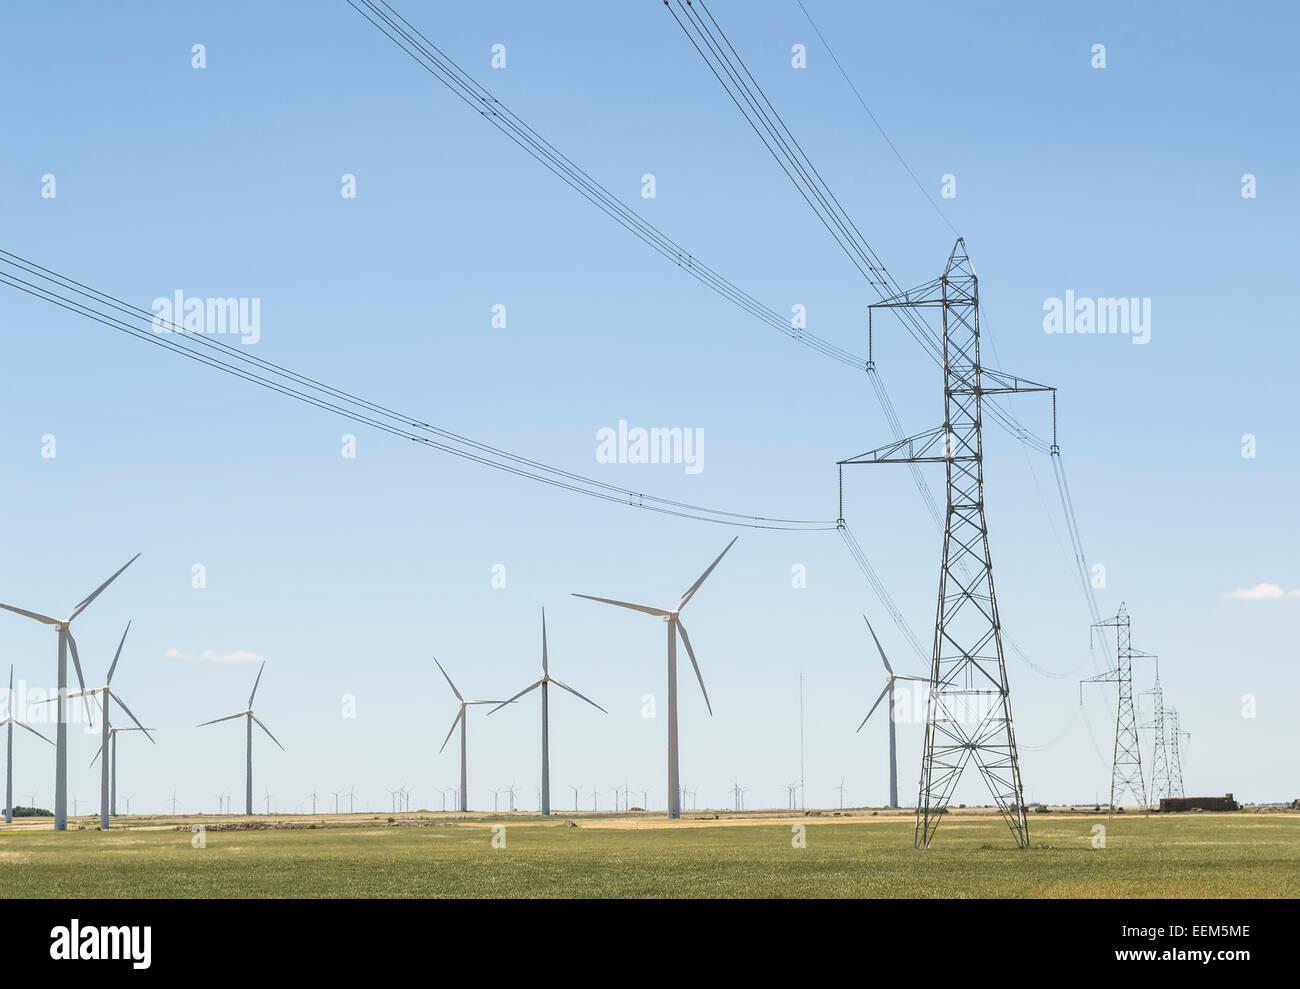 Wind-Turbine-Netzwerk mit Leitungen und Strommasten Infrastruktur zur Verteilung von elektrischer Energie Stockbild